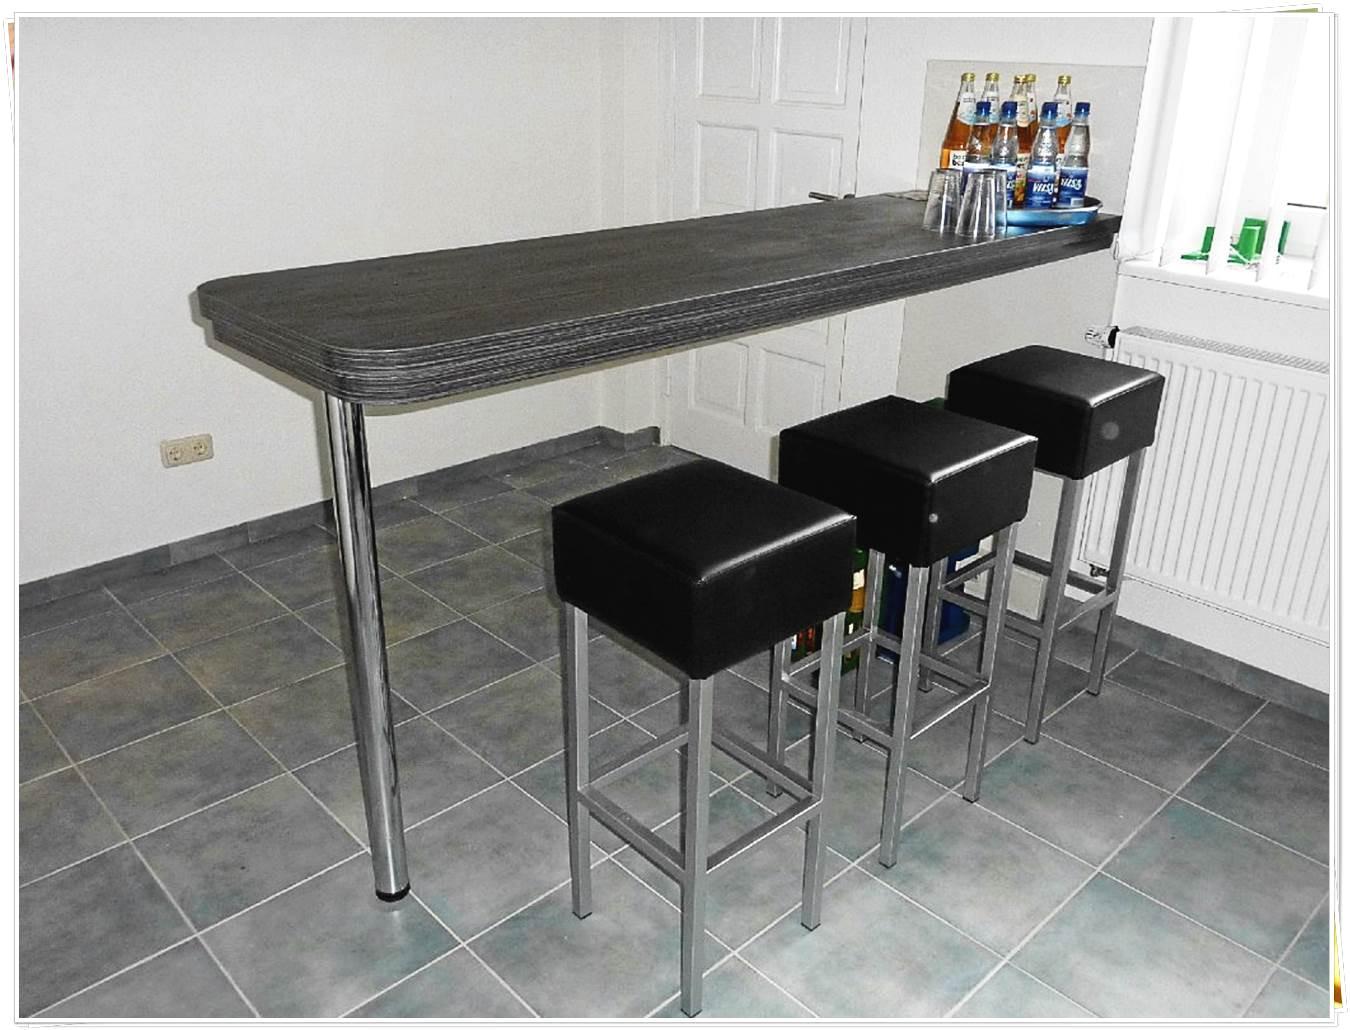 Full Size of Bartisch Weiss Hochglanz Poco Big Sofa Betten Küche Schlafzimmer Komplett Bett 140x200 Wohnzimmer Bartisch Poco